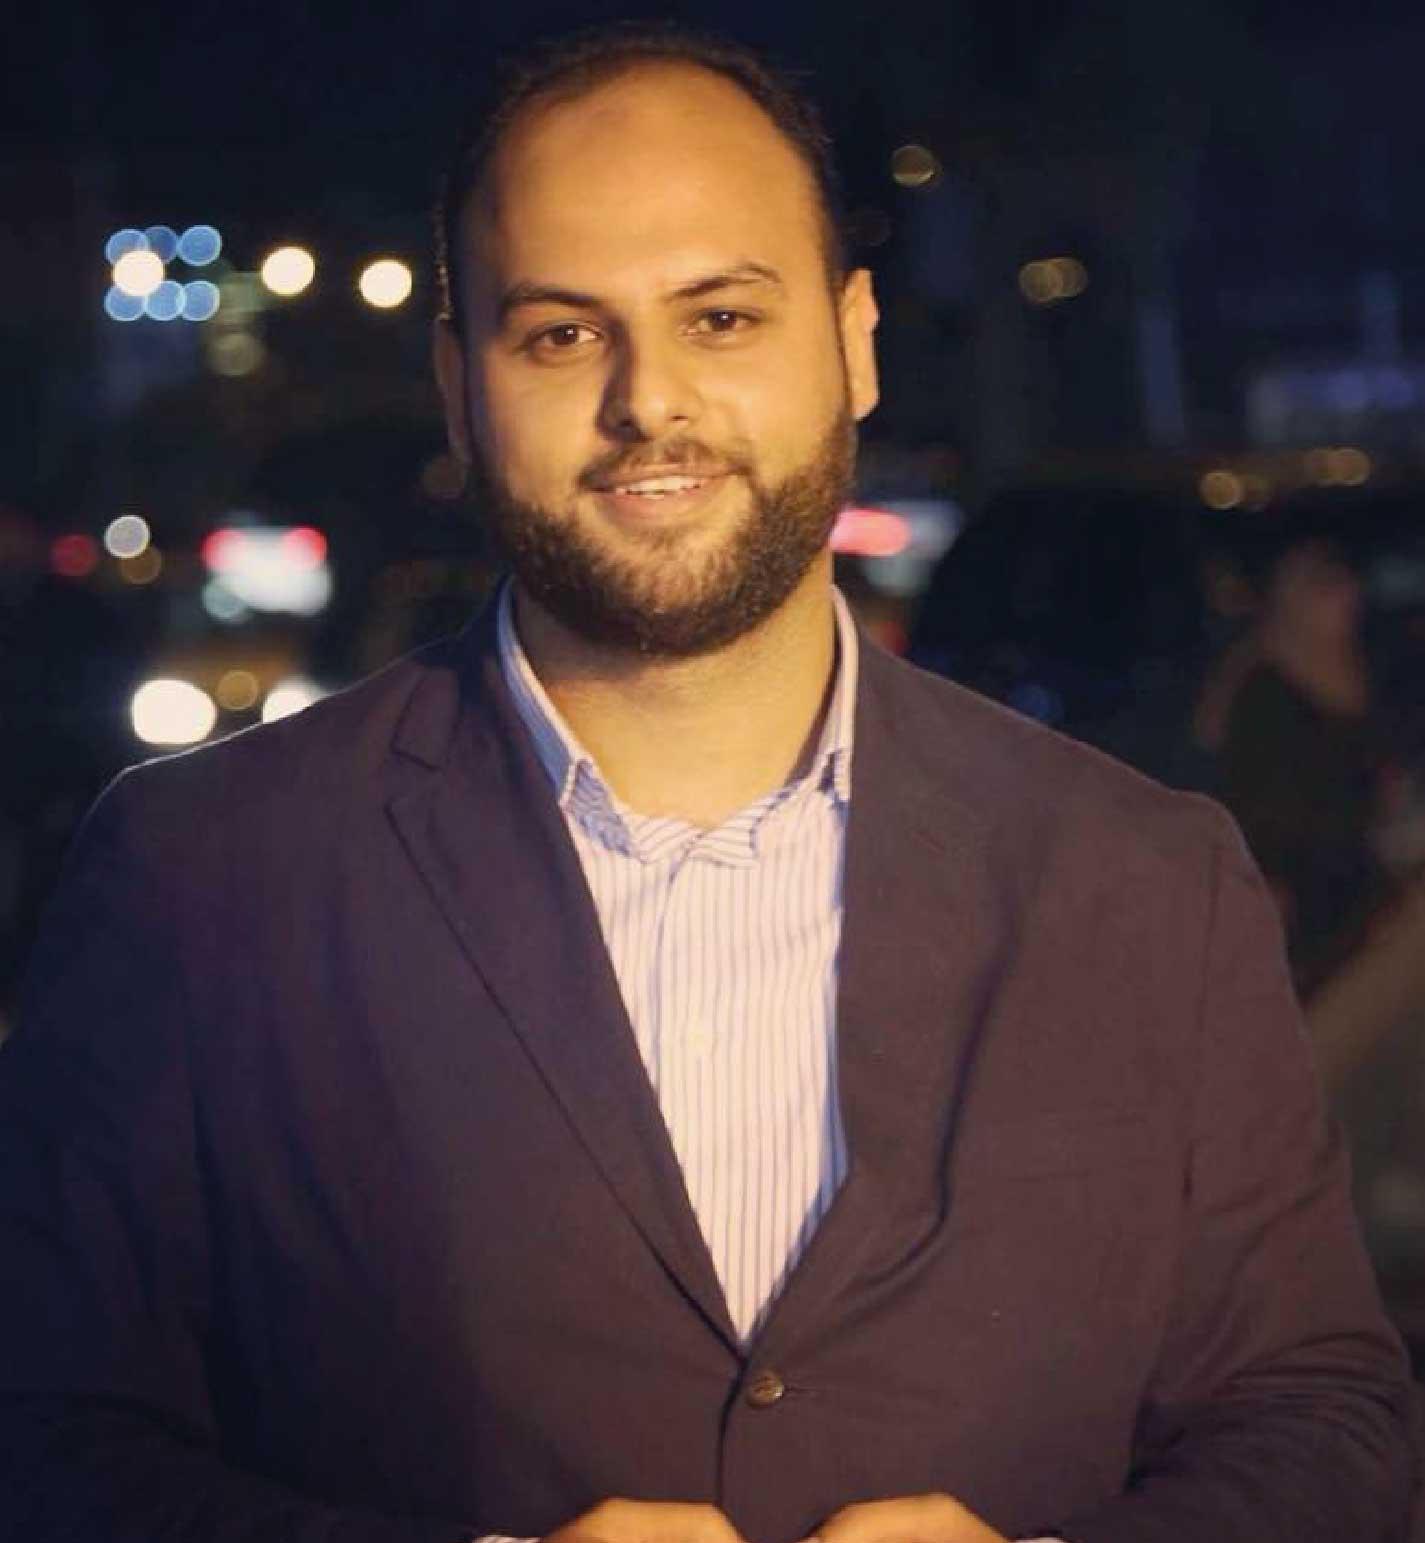 Eng. Amro Mansour